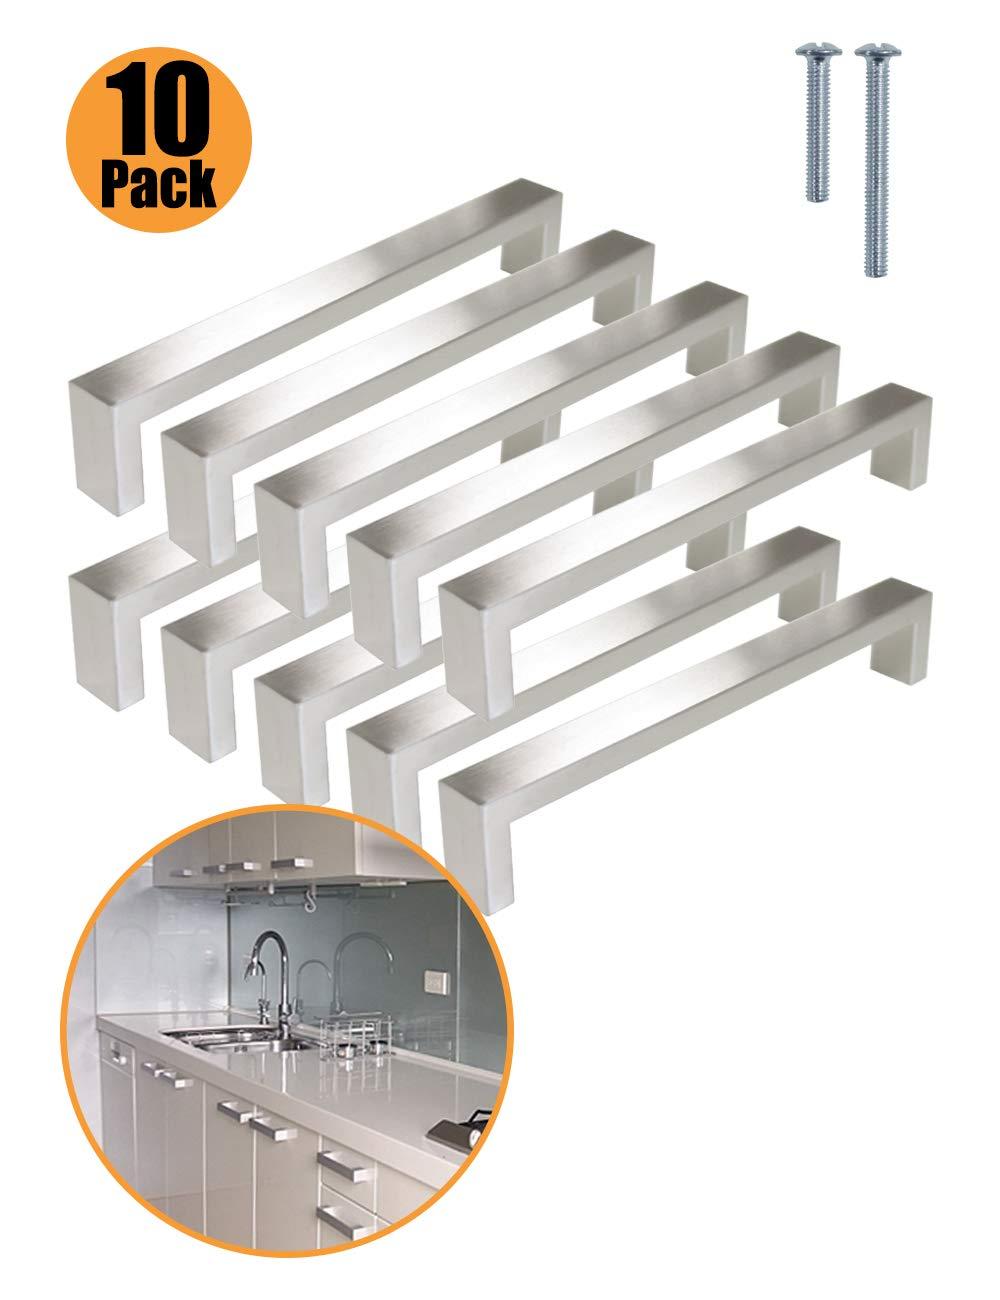 Probrico 10/pcs cepillado n/íquel Bar armario de cocina tirador de puerta asas ba/ño y dormitorio puerta tiradores acero inoxidable 8/tama/ño 96/mm, 128/mm, 160/mm, 192/mm, 224/mm, 256/mm, 288/